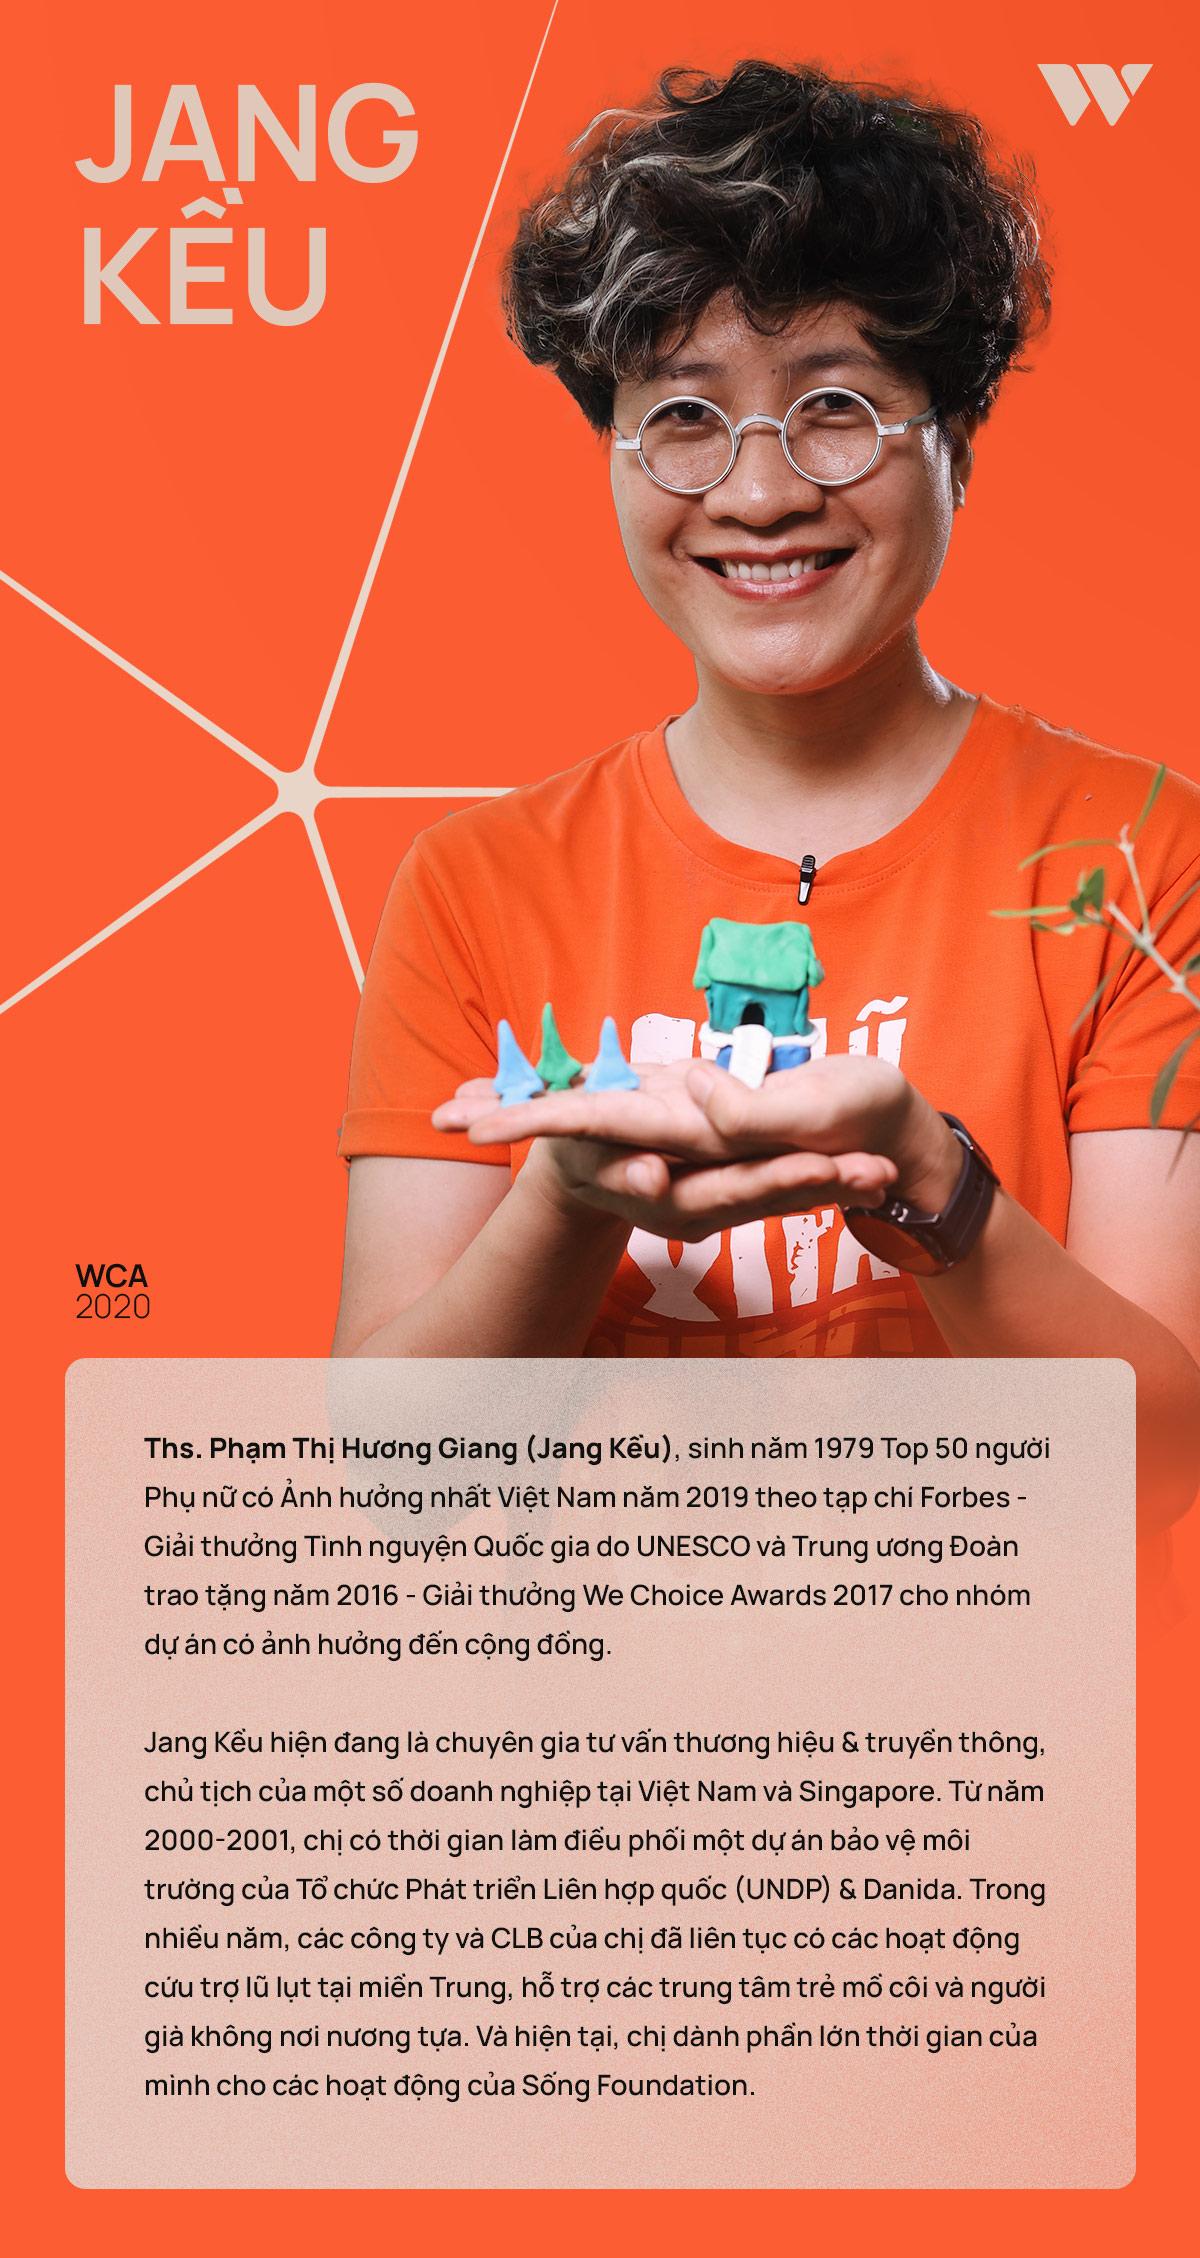 """Jang Kều, người phụ nữ đứng đằng sau dự án Nhà Chống Lũ: Từng từ chối 75 tỷ vì muốn thay đổi tư duy """"cho - nhận"""" trong từ thiện - Ảnh 3."""